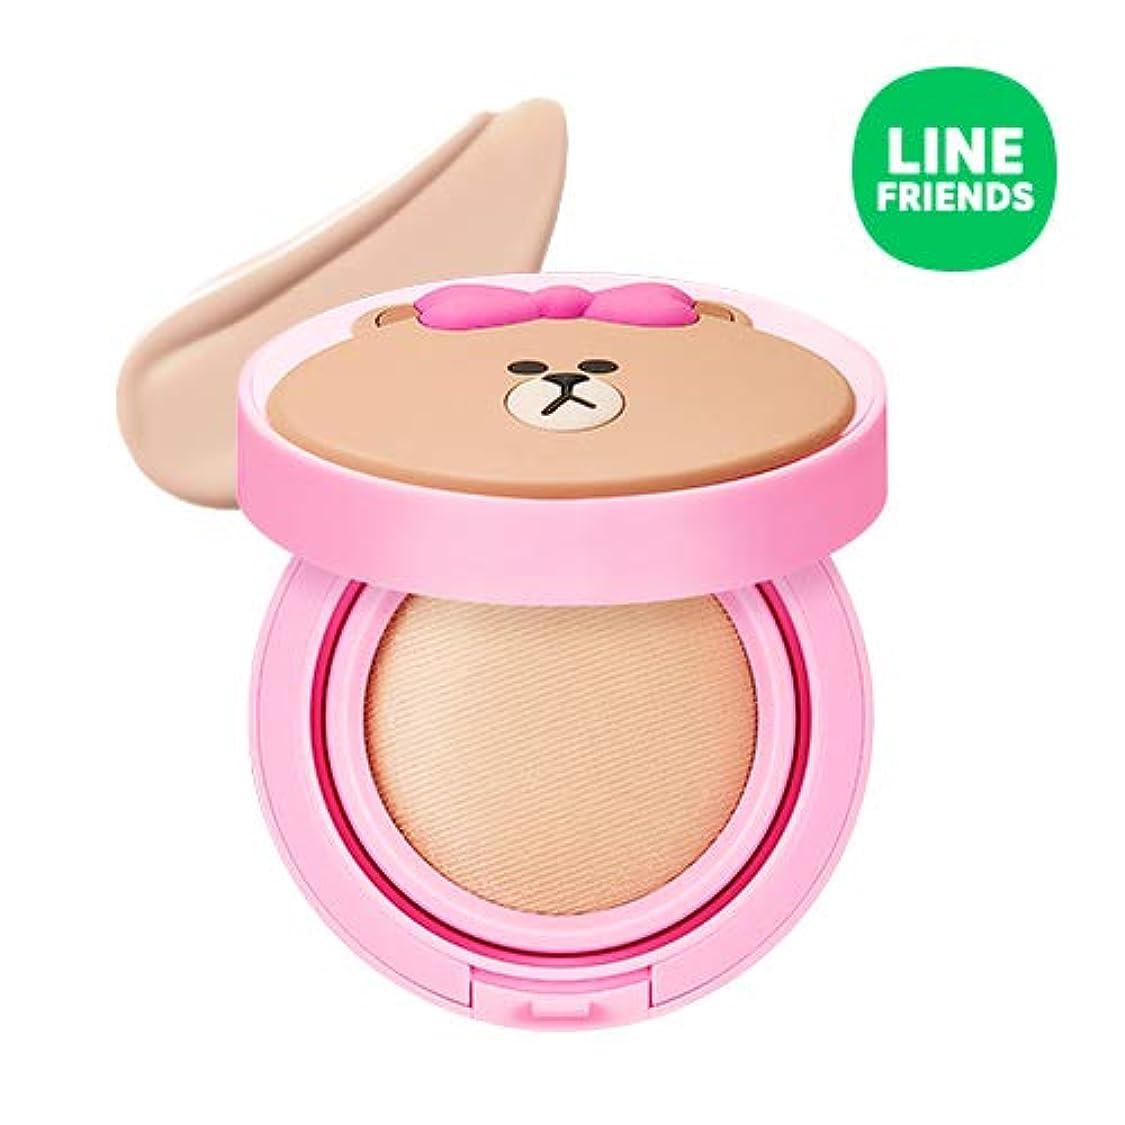 悪化させるみ保証するミシャ(ラインフレンズ)グローテンション15g / MISSHA [Line Friends Edition] Glow Tension SPF50 PA+++ #Fair(Pink tone No.21) [並行輸入品]